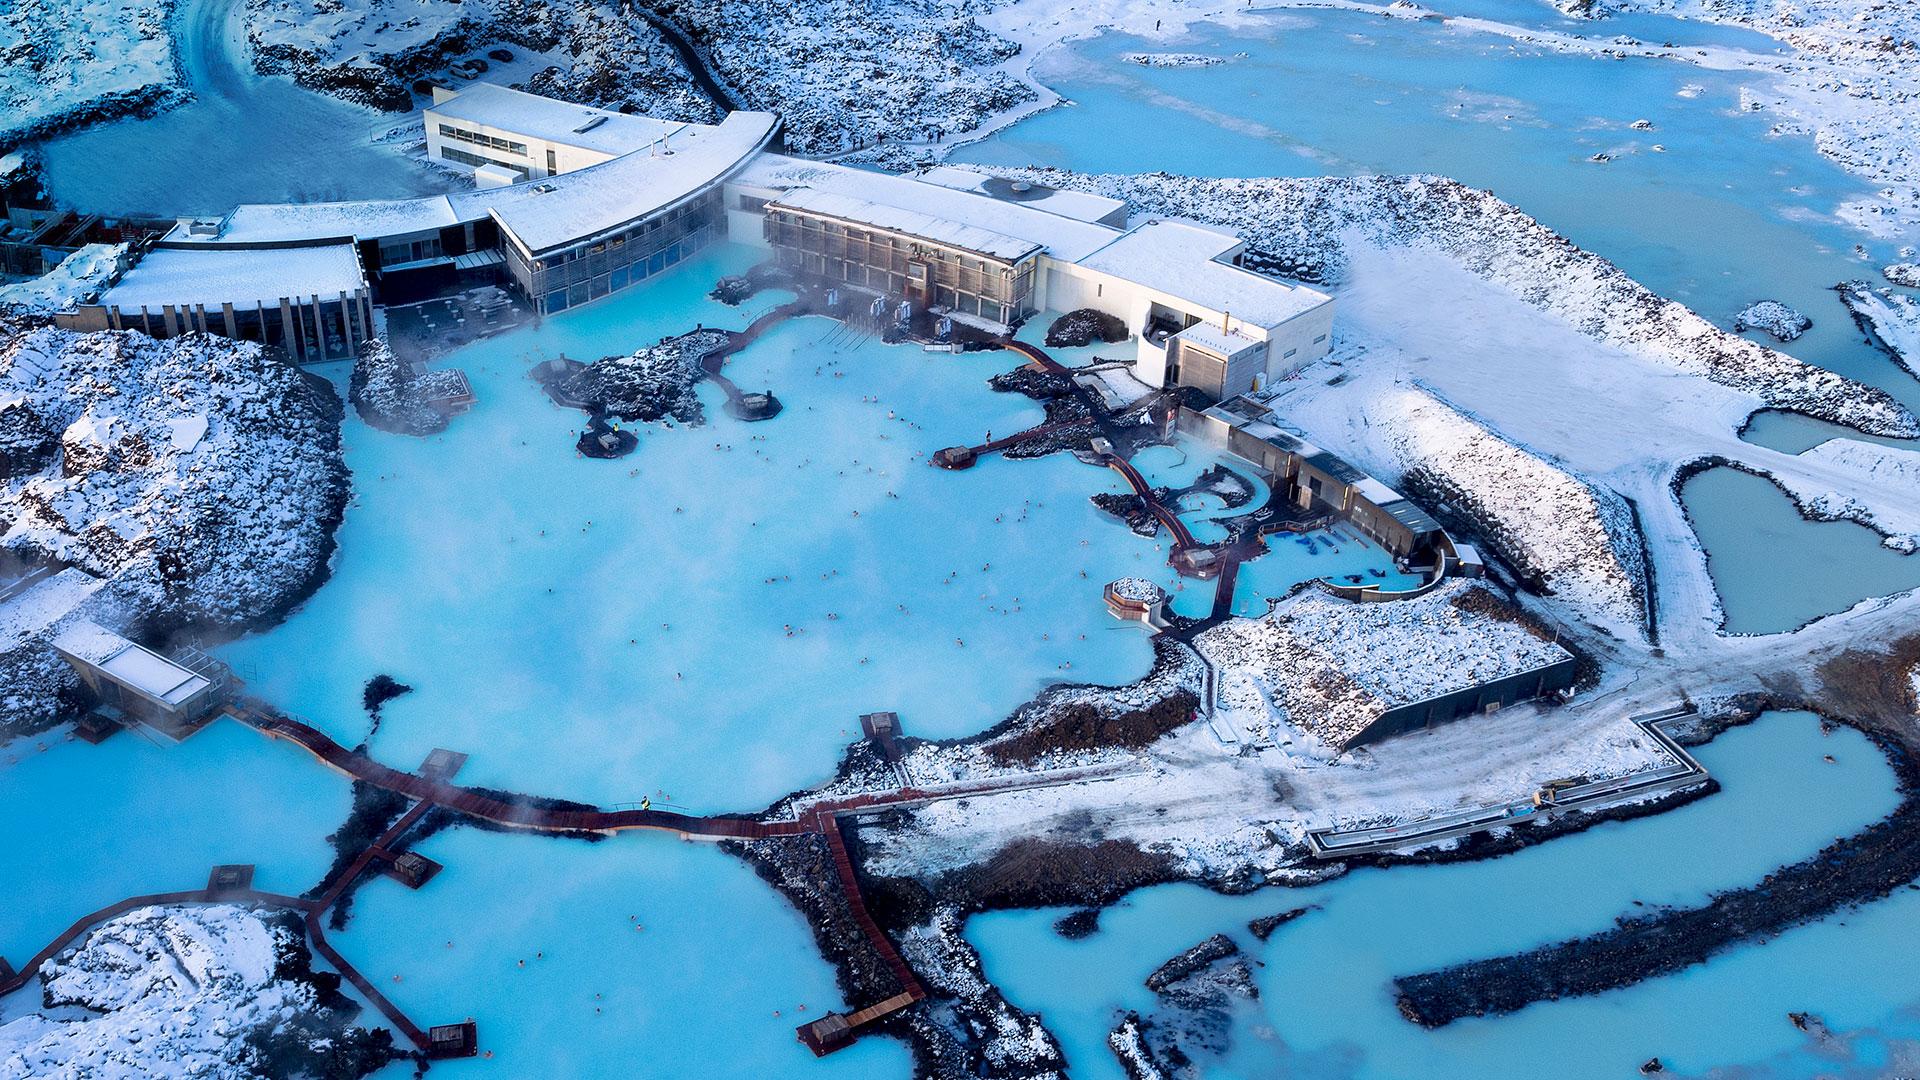 Bláa Lónid (Laguna Azul), una laguna termal en medio de un campo de lava. Tiene color turquesa por la gran presencia de minerales como el sílice. Es la principal atracción turística de Islandia